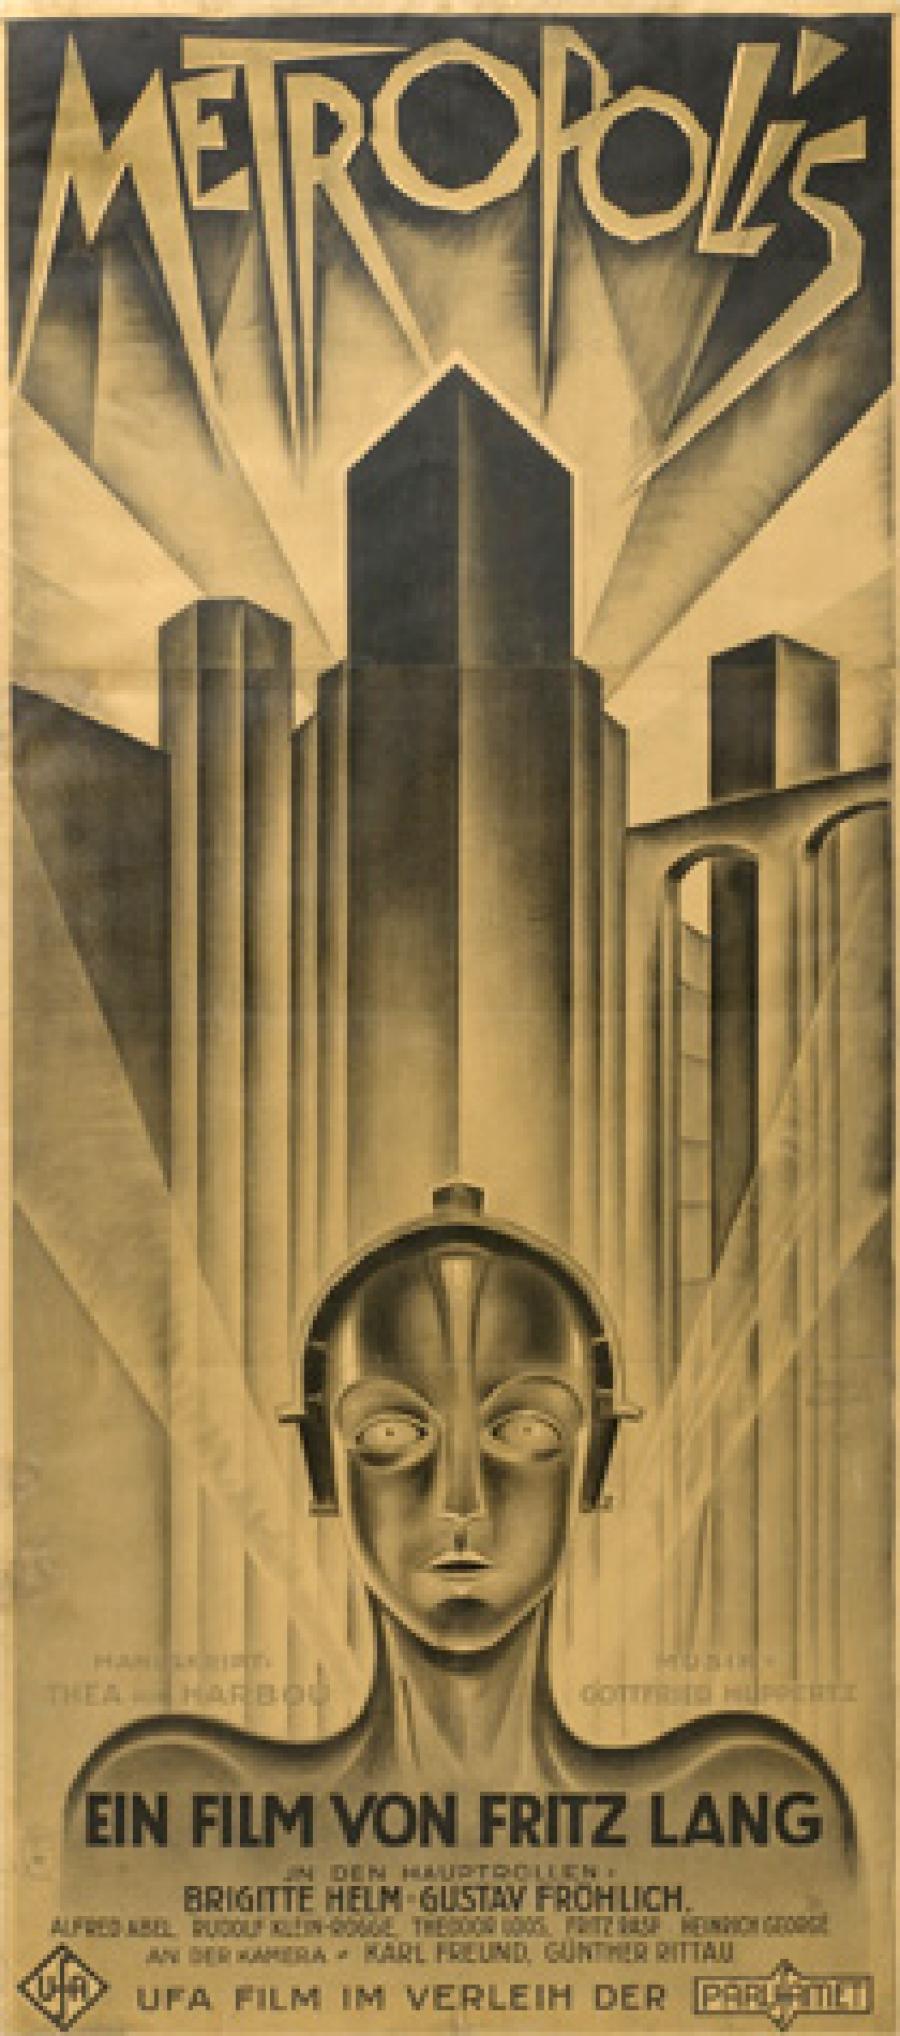 Billede af filmplakaten for Metropolis